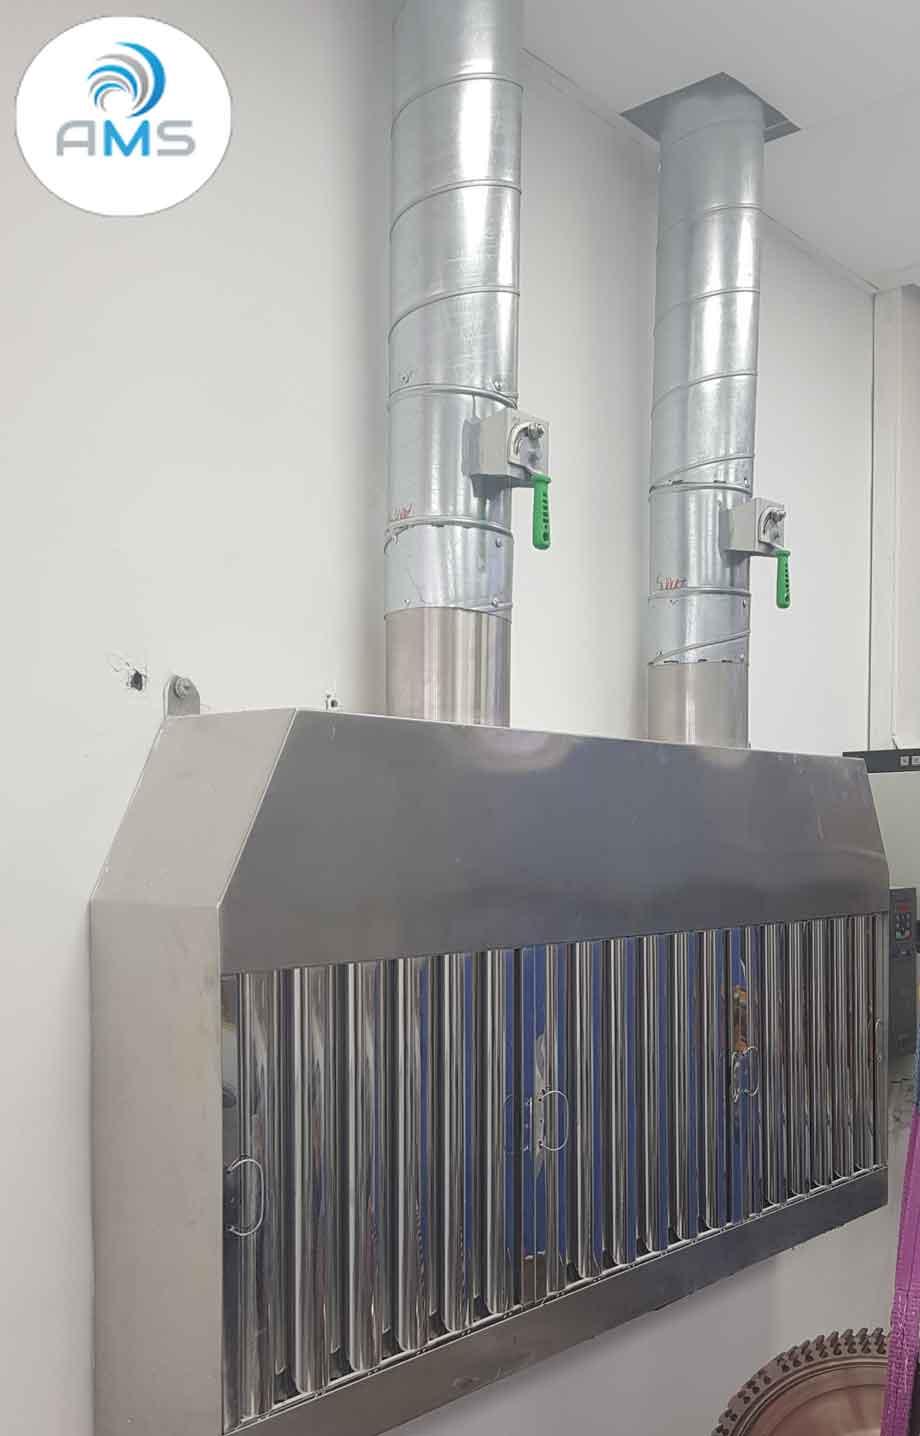 נידוף וסינון של תרכובות אורגניות נדיפות [VOC] ממעבדה